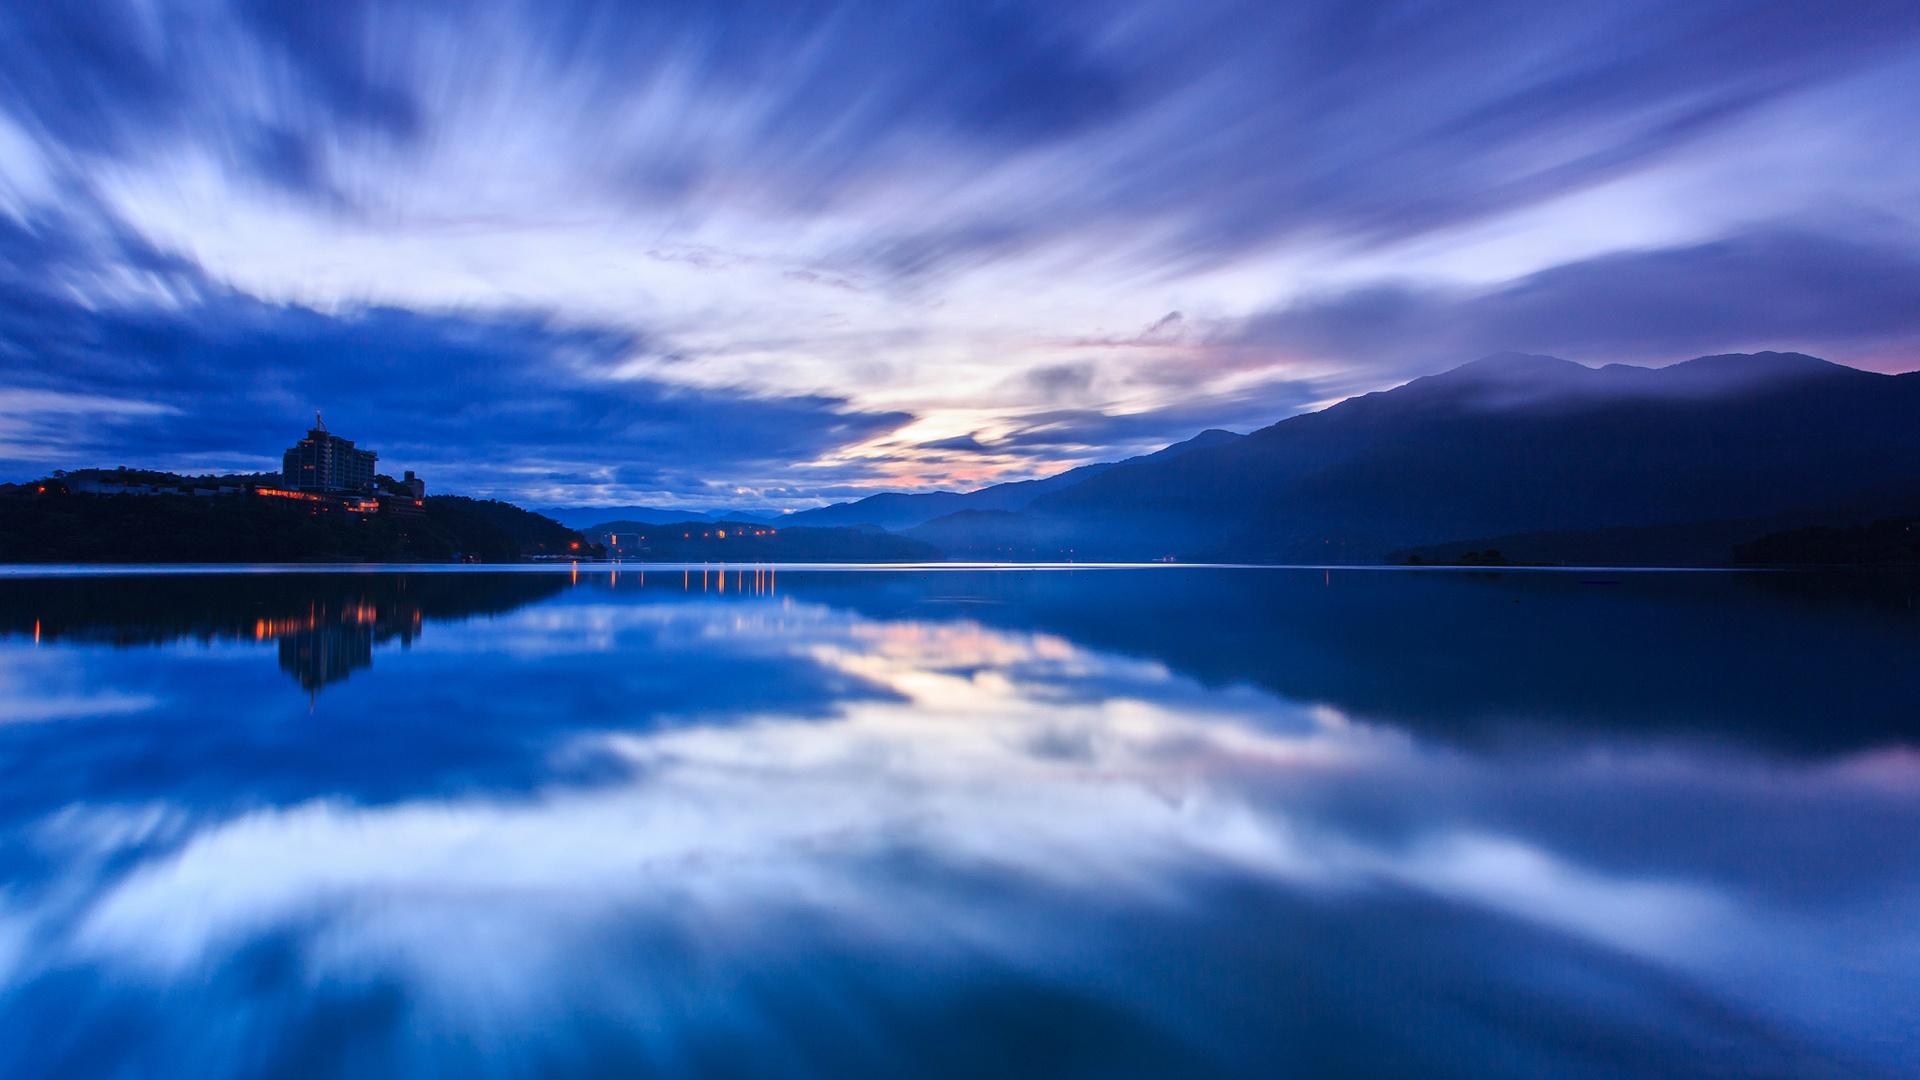 природа отражение озеро облака скачать